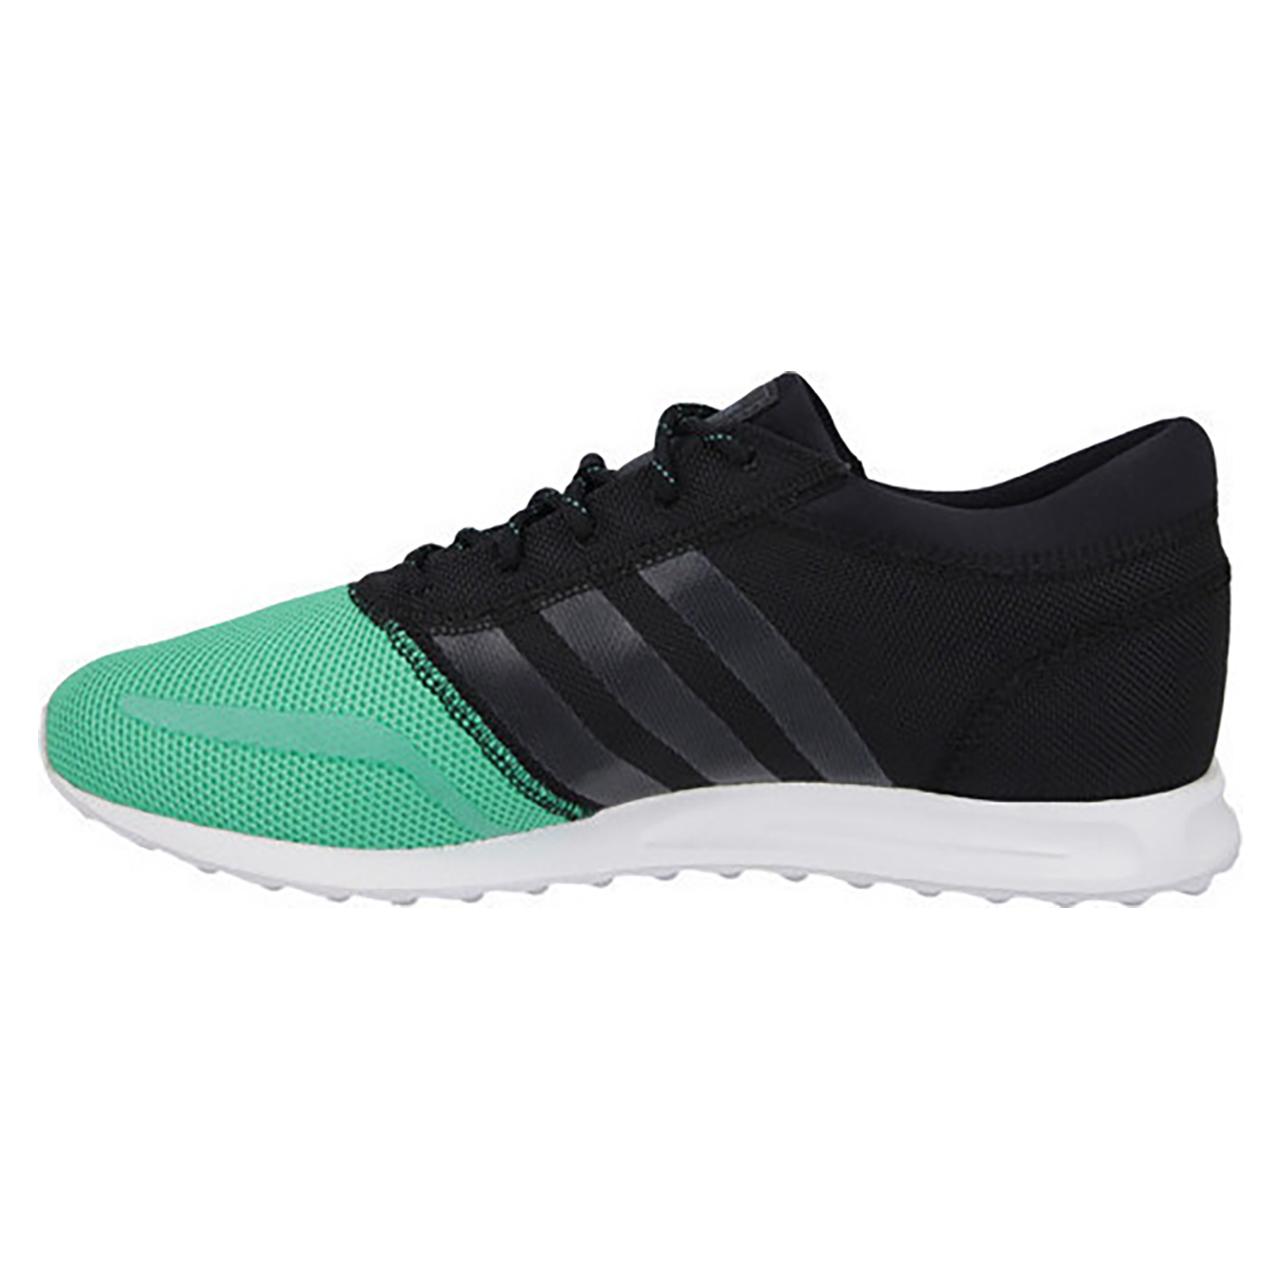 قیمت کفش مخصوص پیاده روی مردانه مدل Los angeles gr01